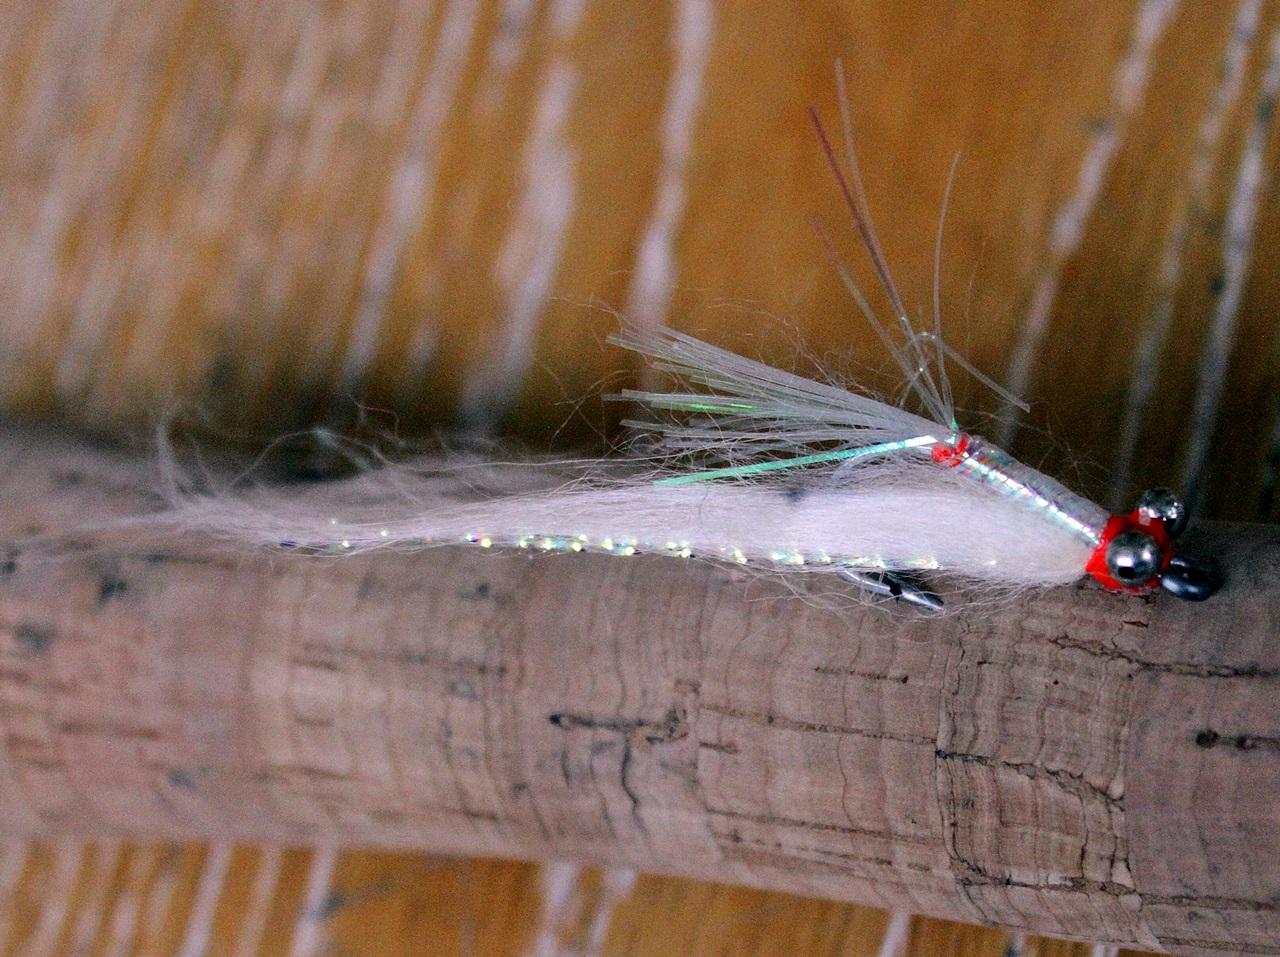 En reke/liten fiske imitasjon fungerer suverent på bonen